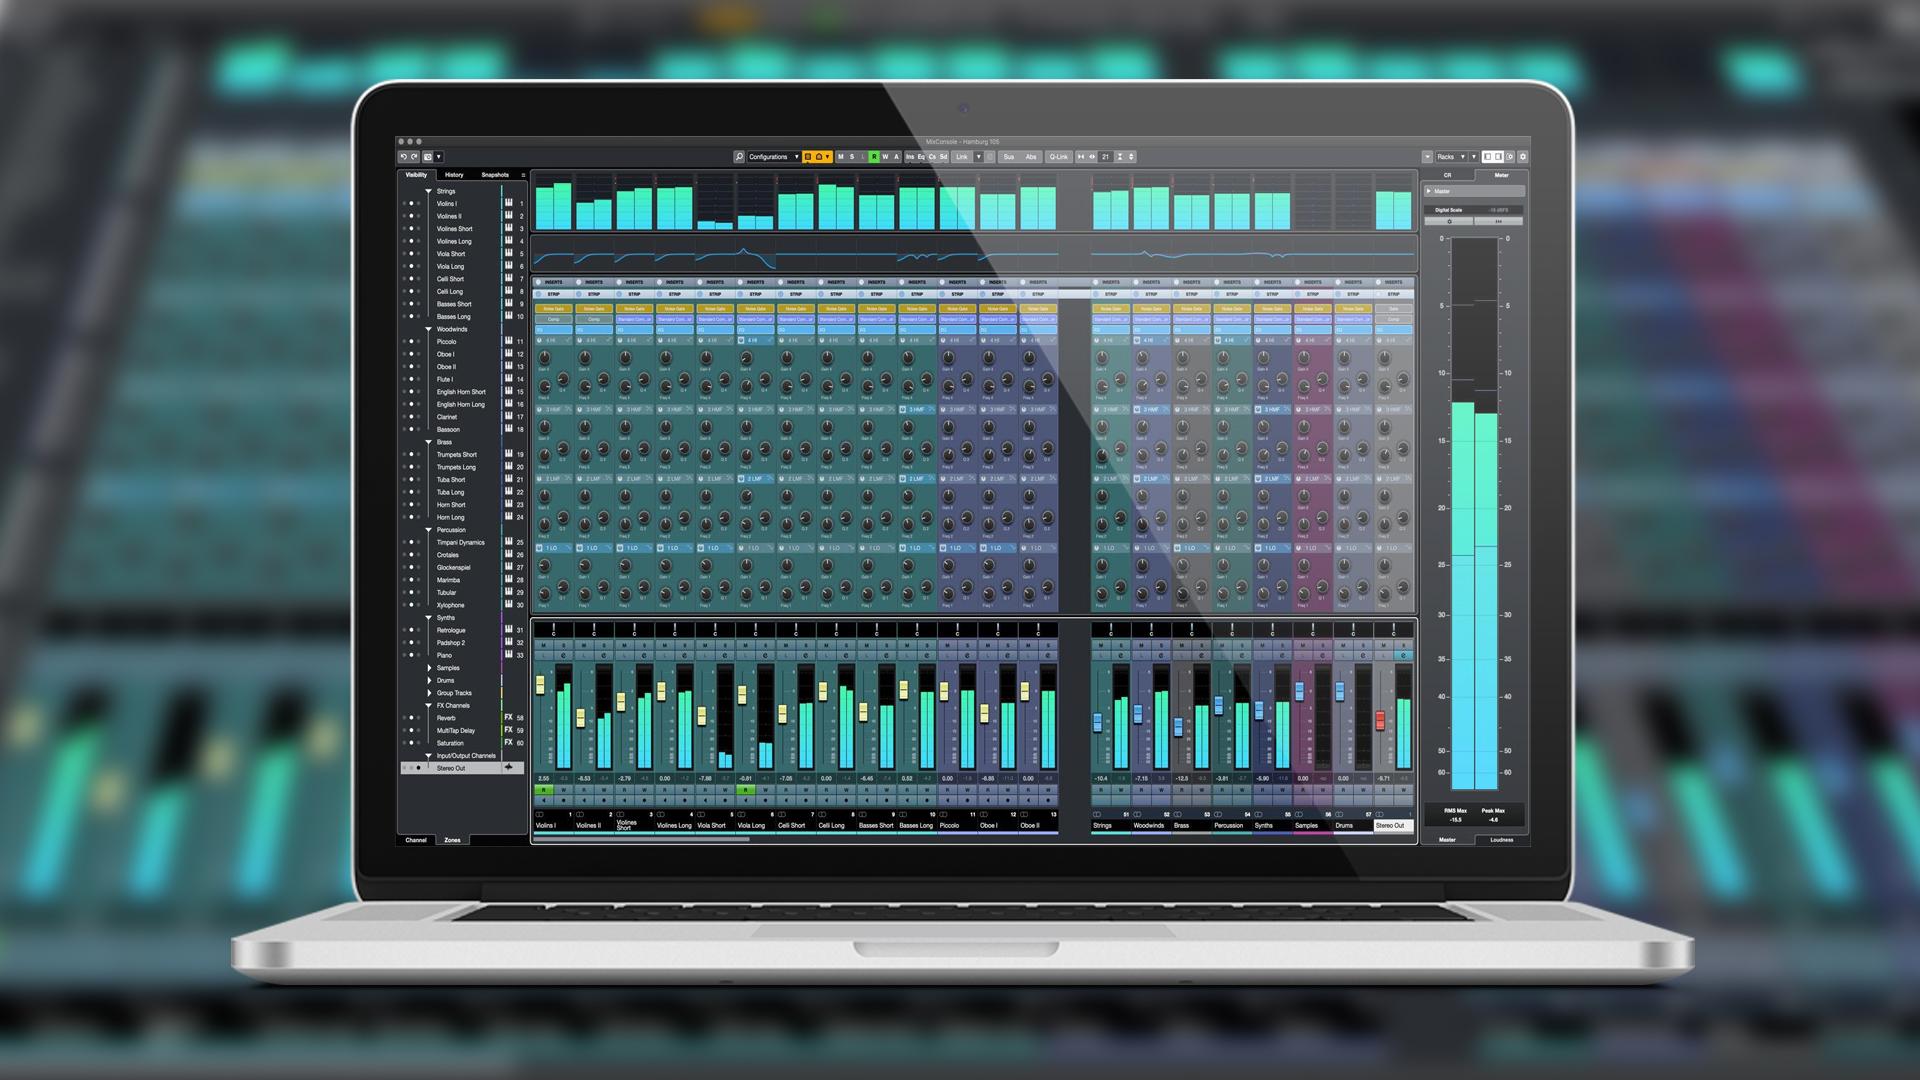 Cubase 8.5 音频后期混音系列教程